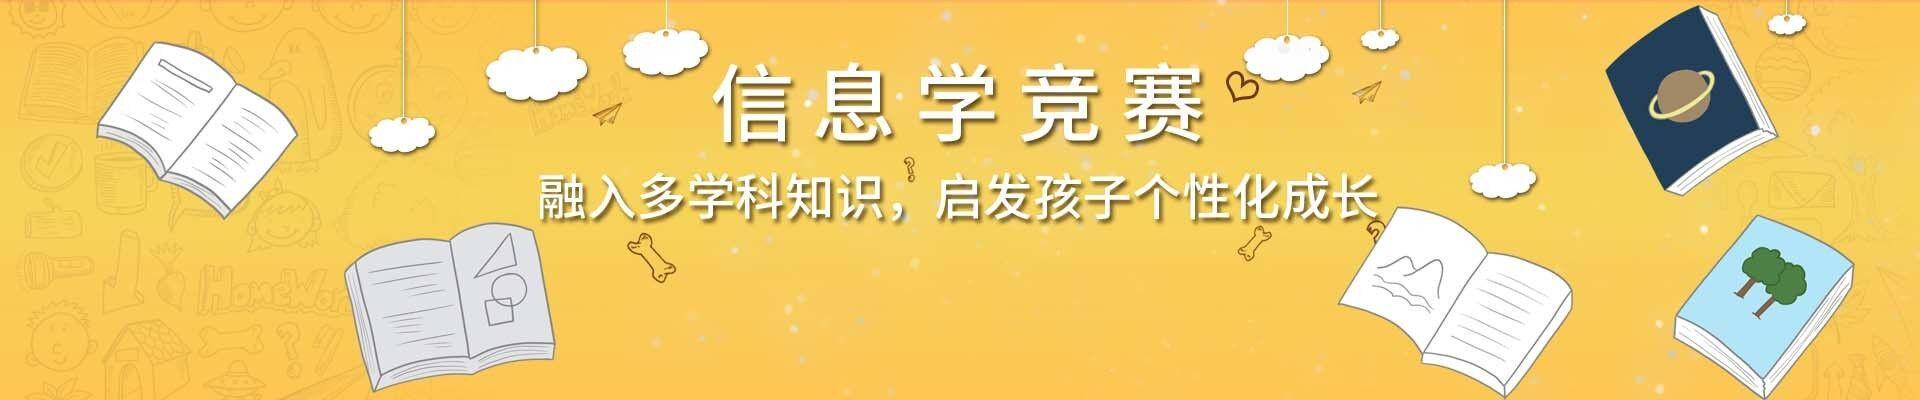 南昌核桃编程培训机构